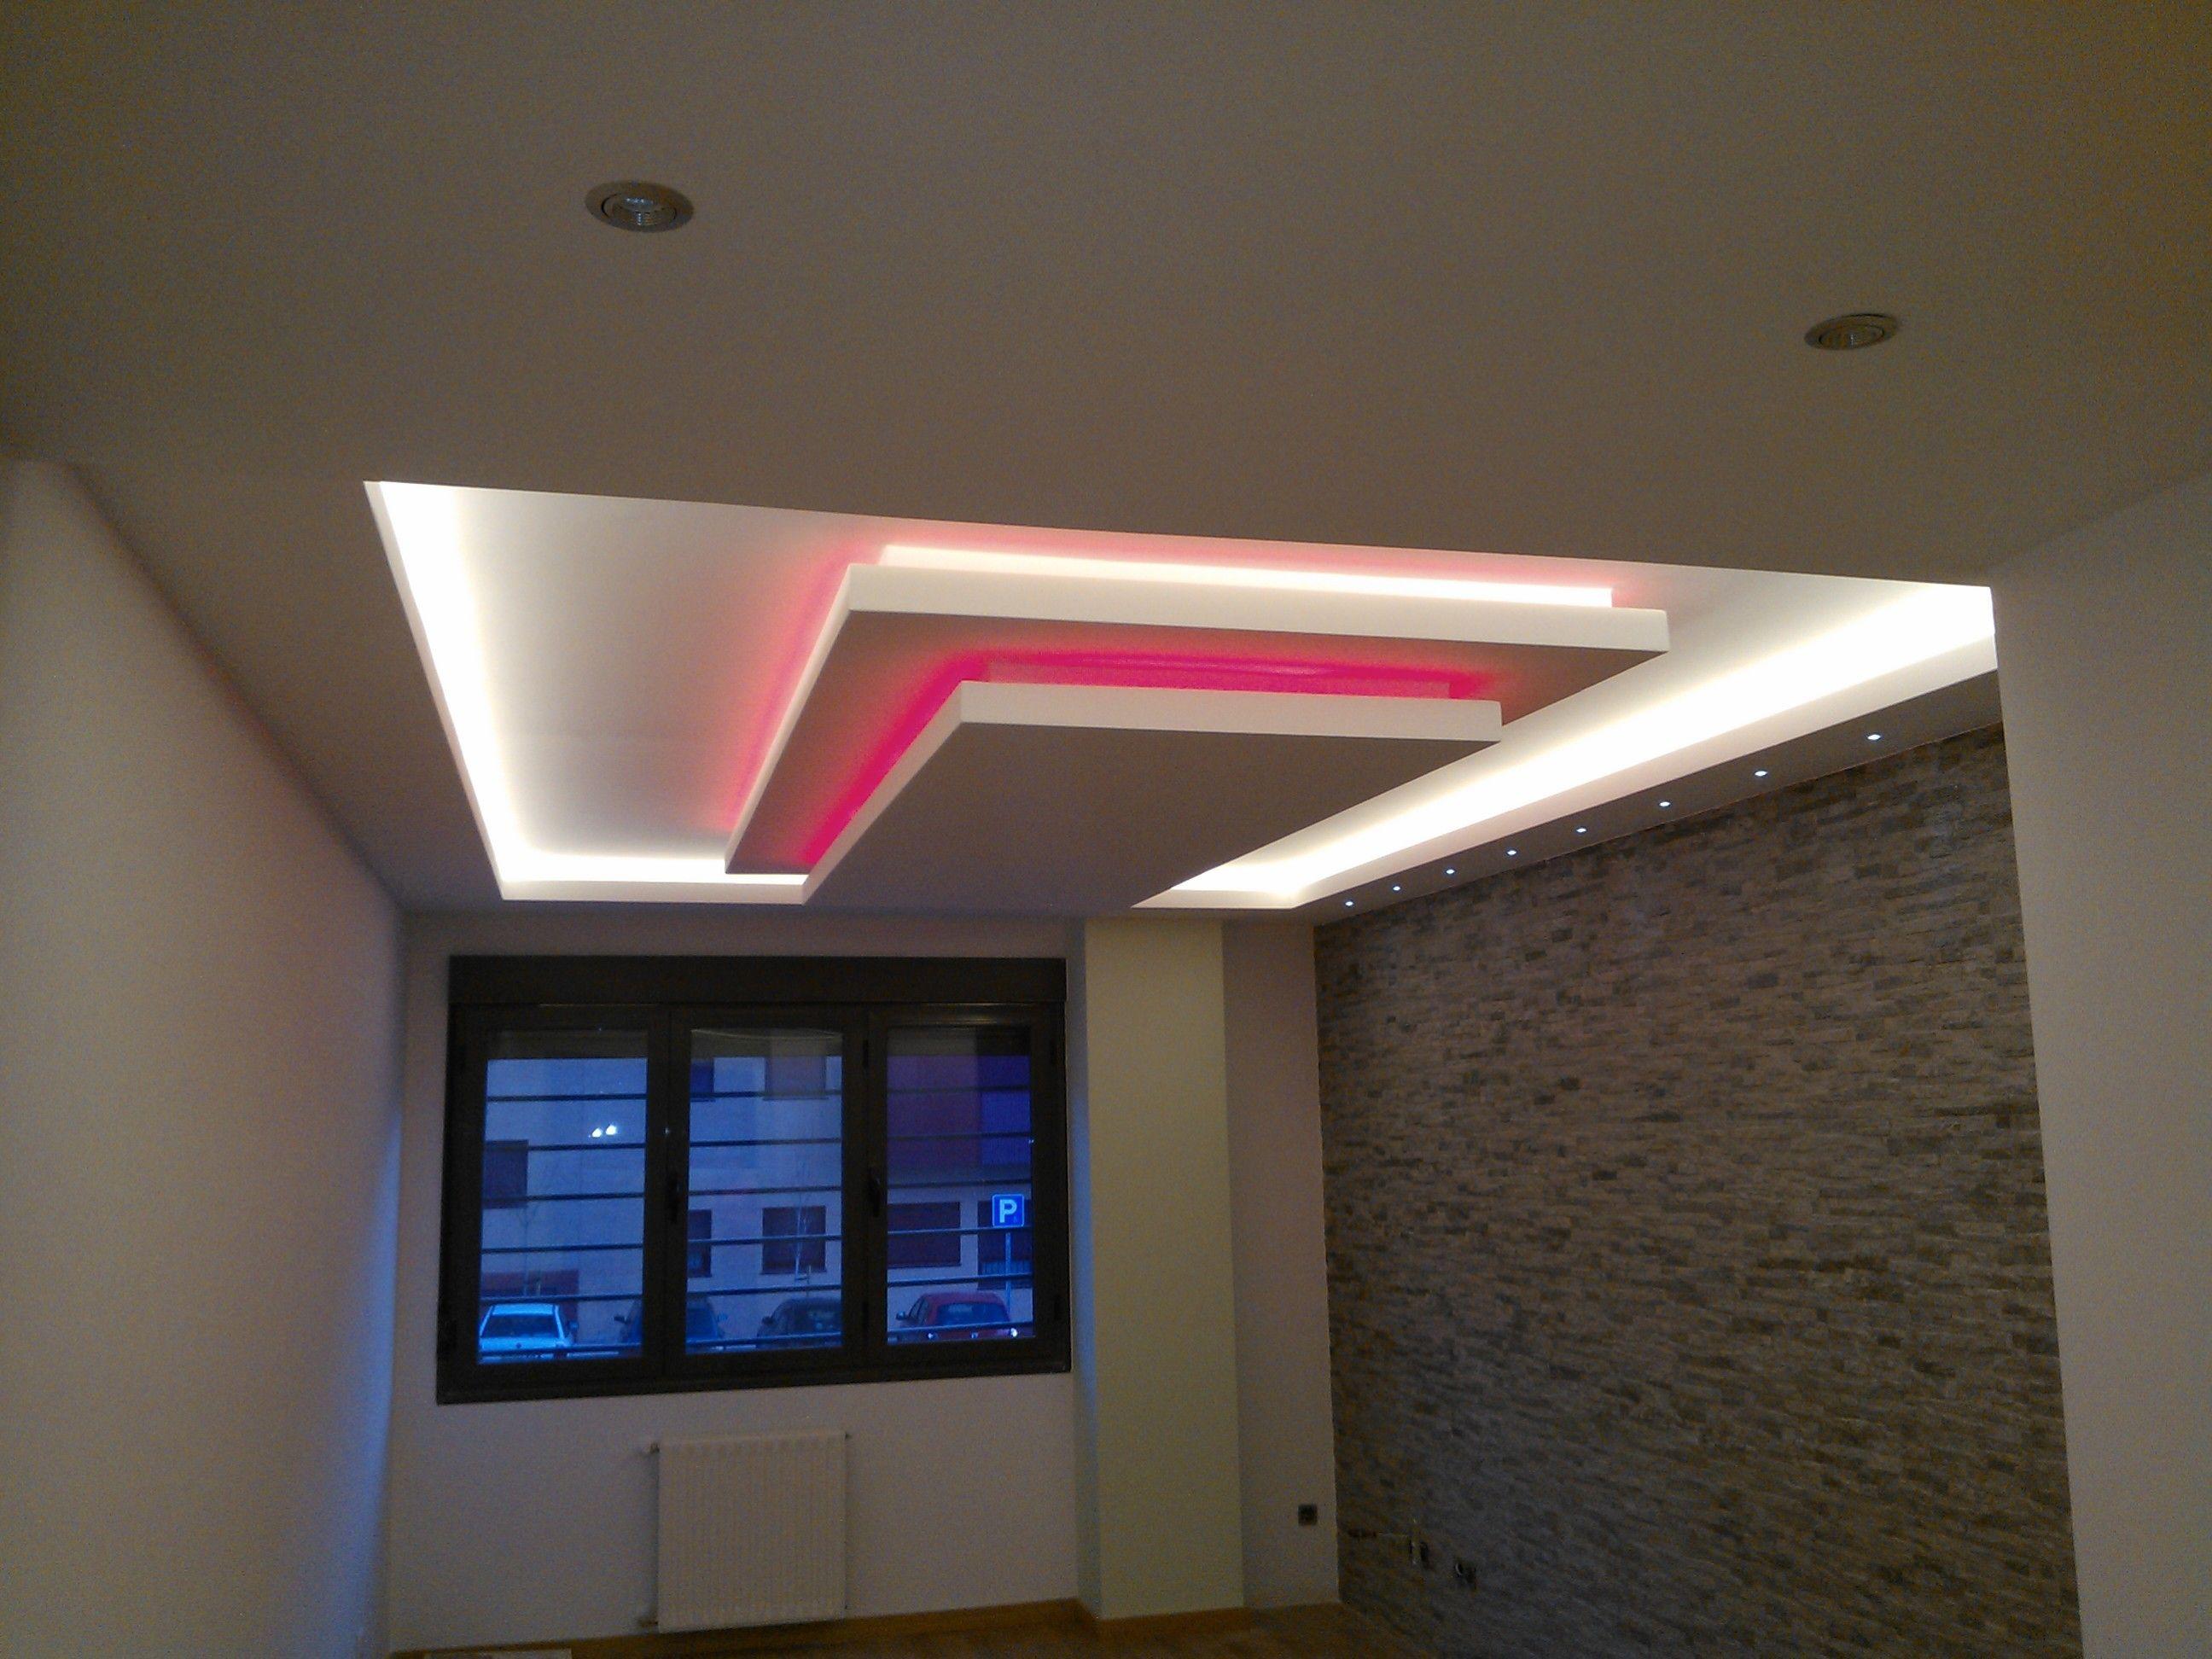 falso techo niveles color rosa | रोशनी | Pinterest | Falso ...